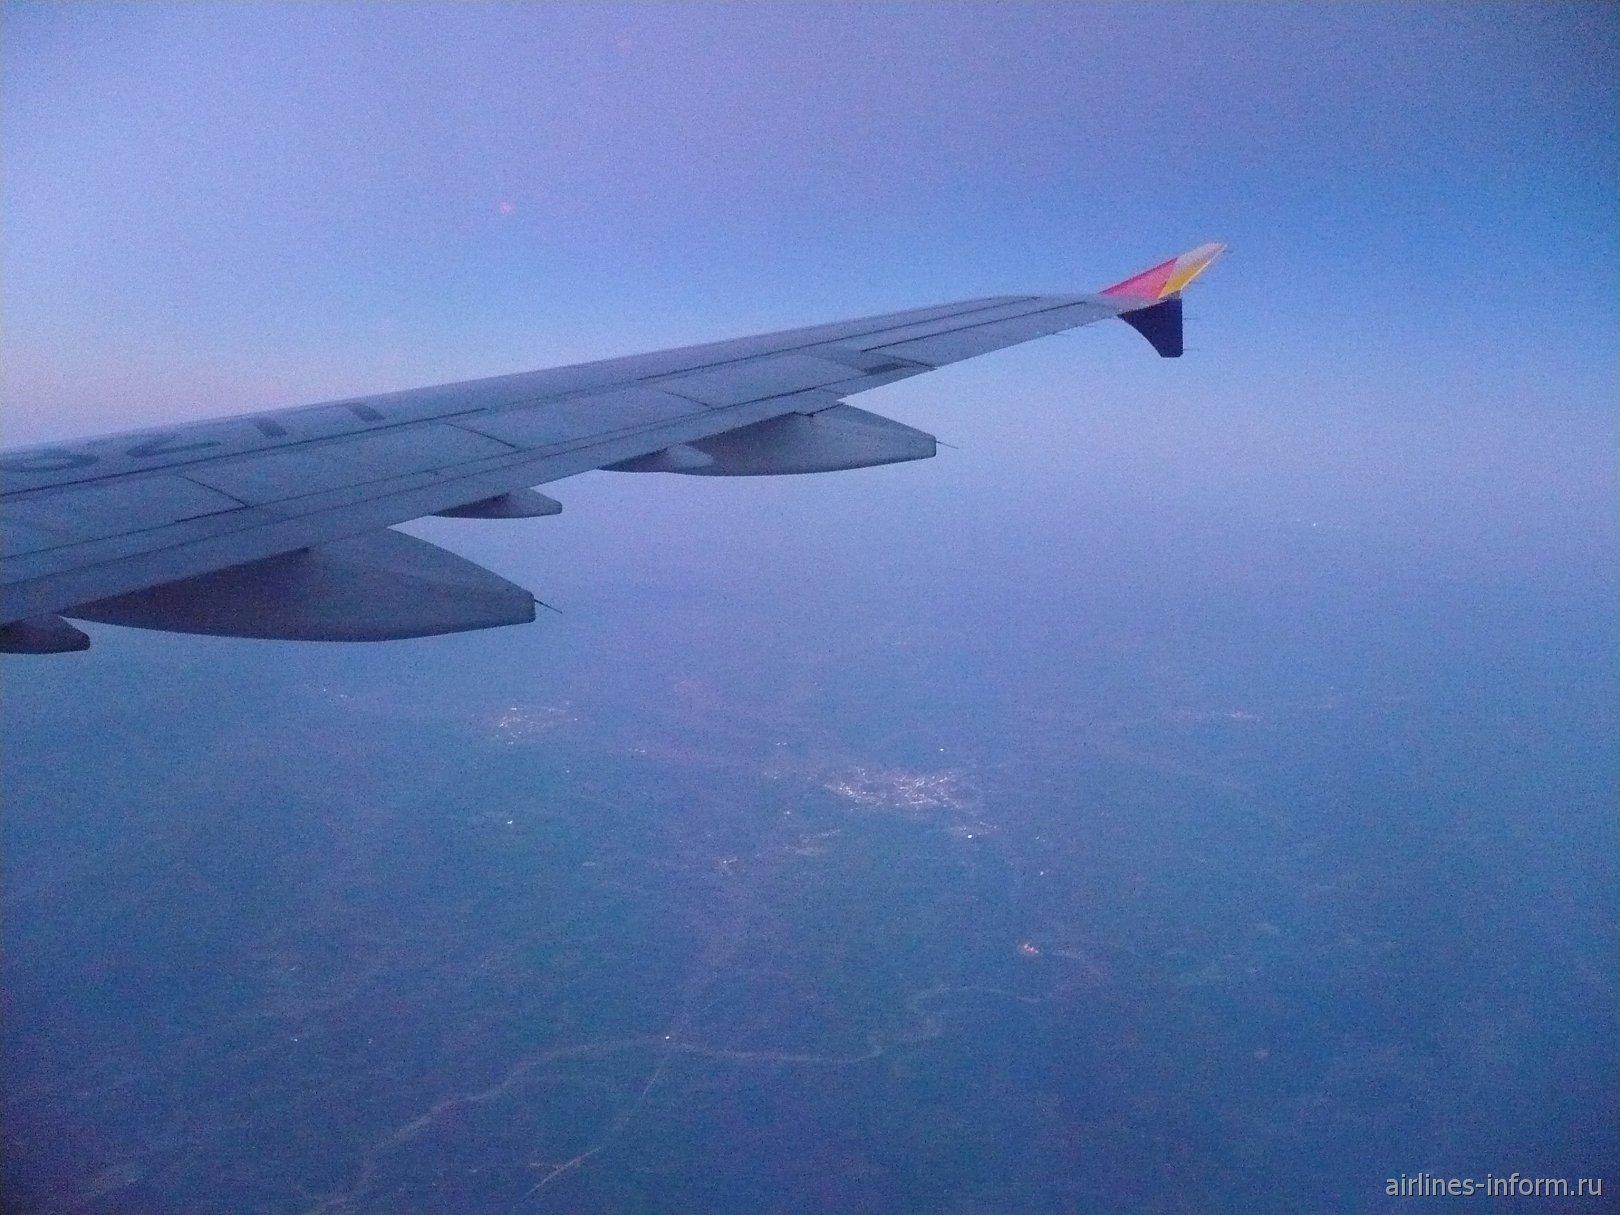 Полет проходил вдоль территории Японии. Время в пути составило около 3 ч. 30 минут. Снижаемся...